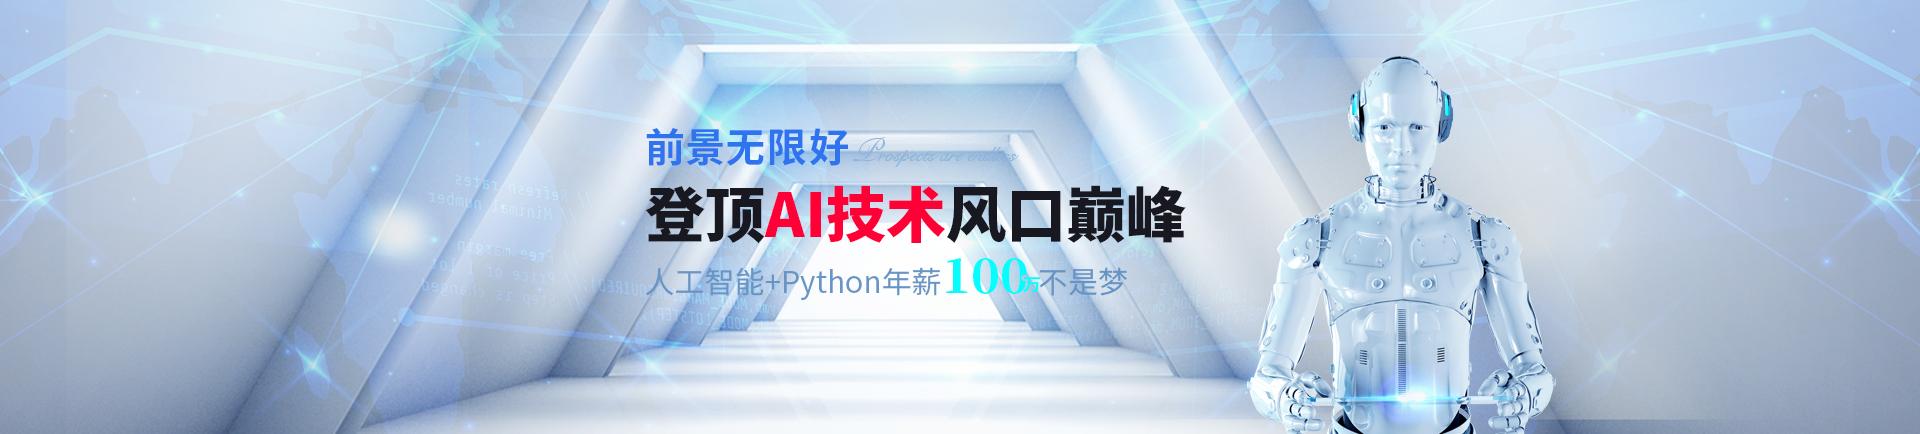 登顶AI技术风�巅峰 人工智能+Python年薪100万�是梦-henan